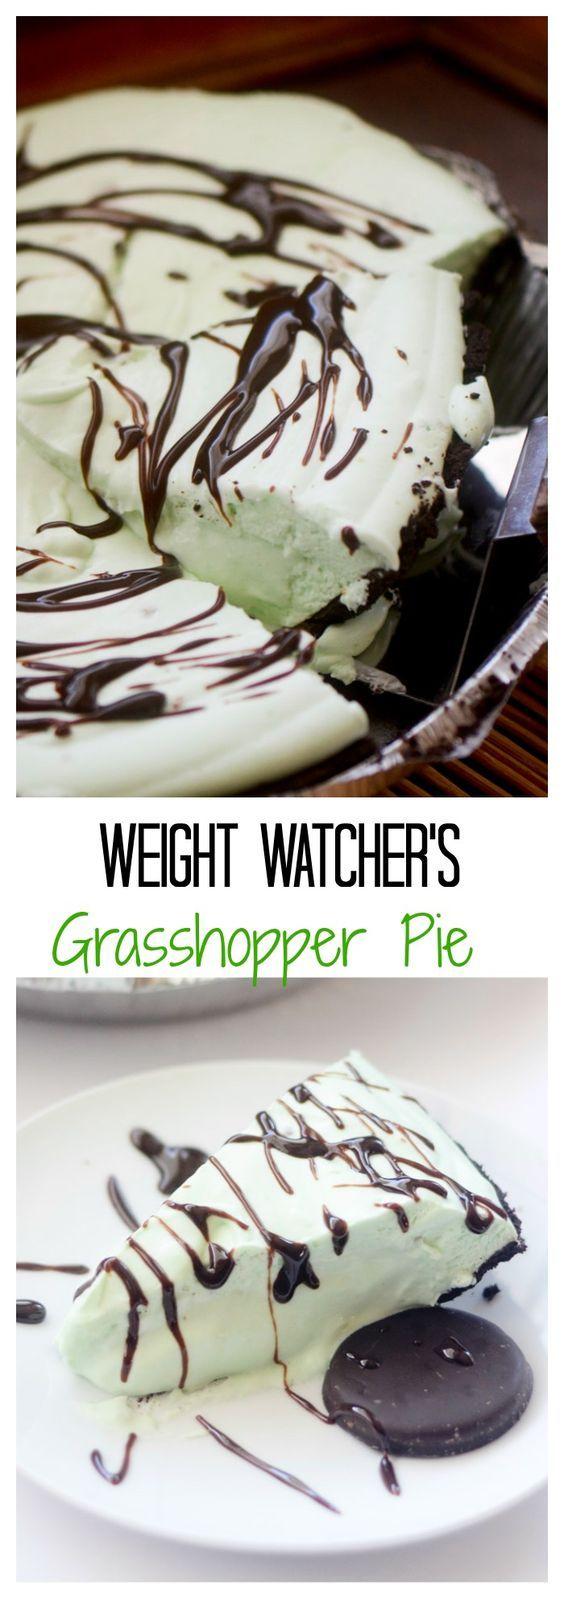 Weight Watcher's Grasshopper Pie - Recipe Diaries